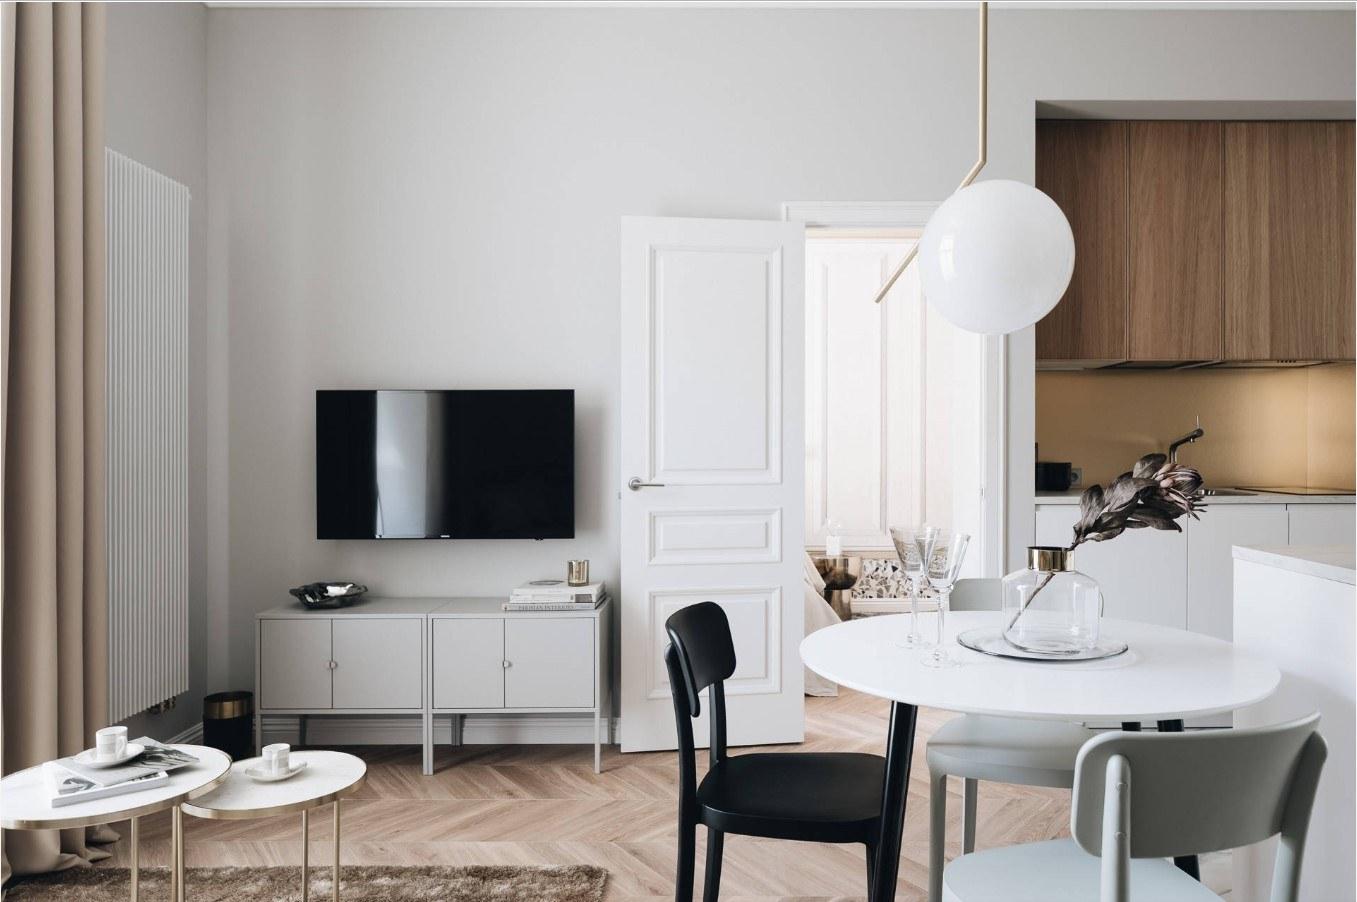 Дизайн 2-комнатной квартиры площадью 30 кв м нюансы планировки цветовые решения и выбор цвета